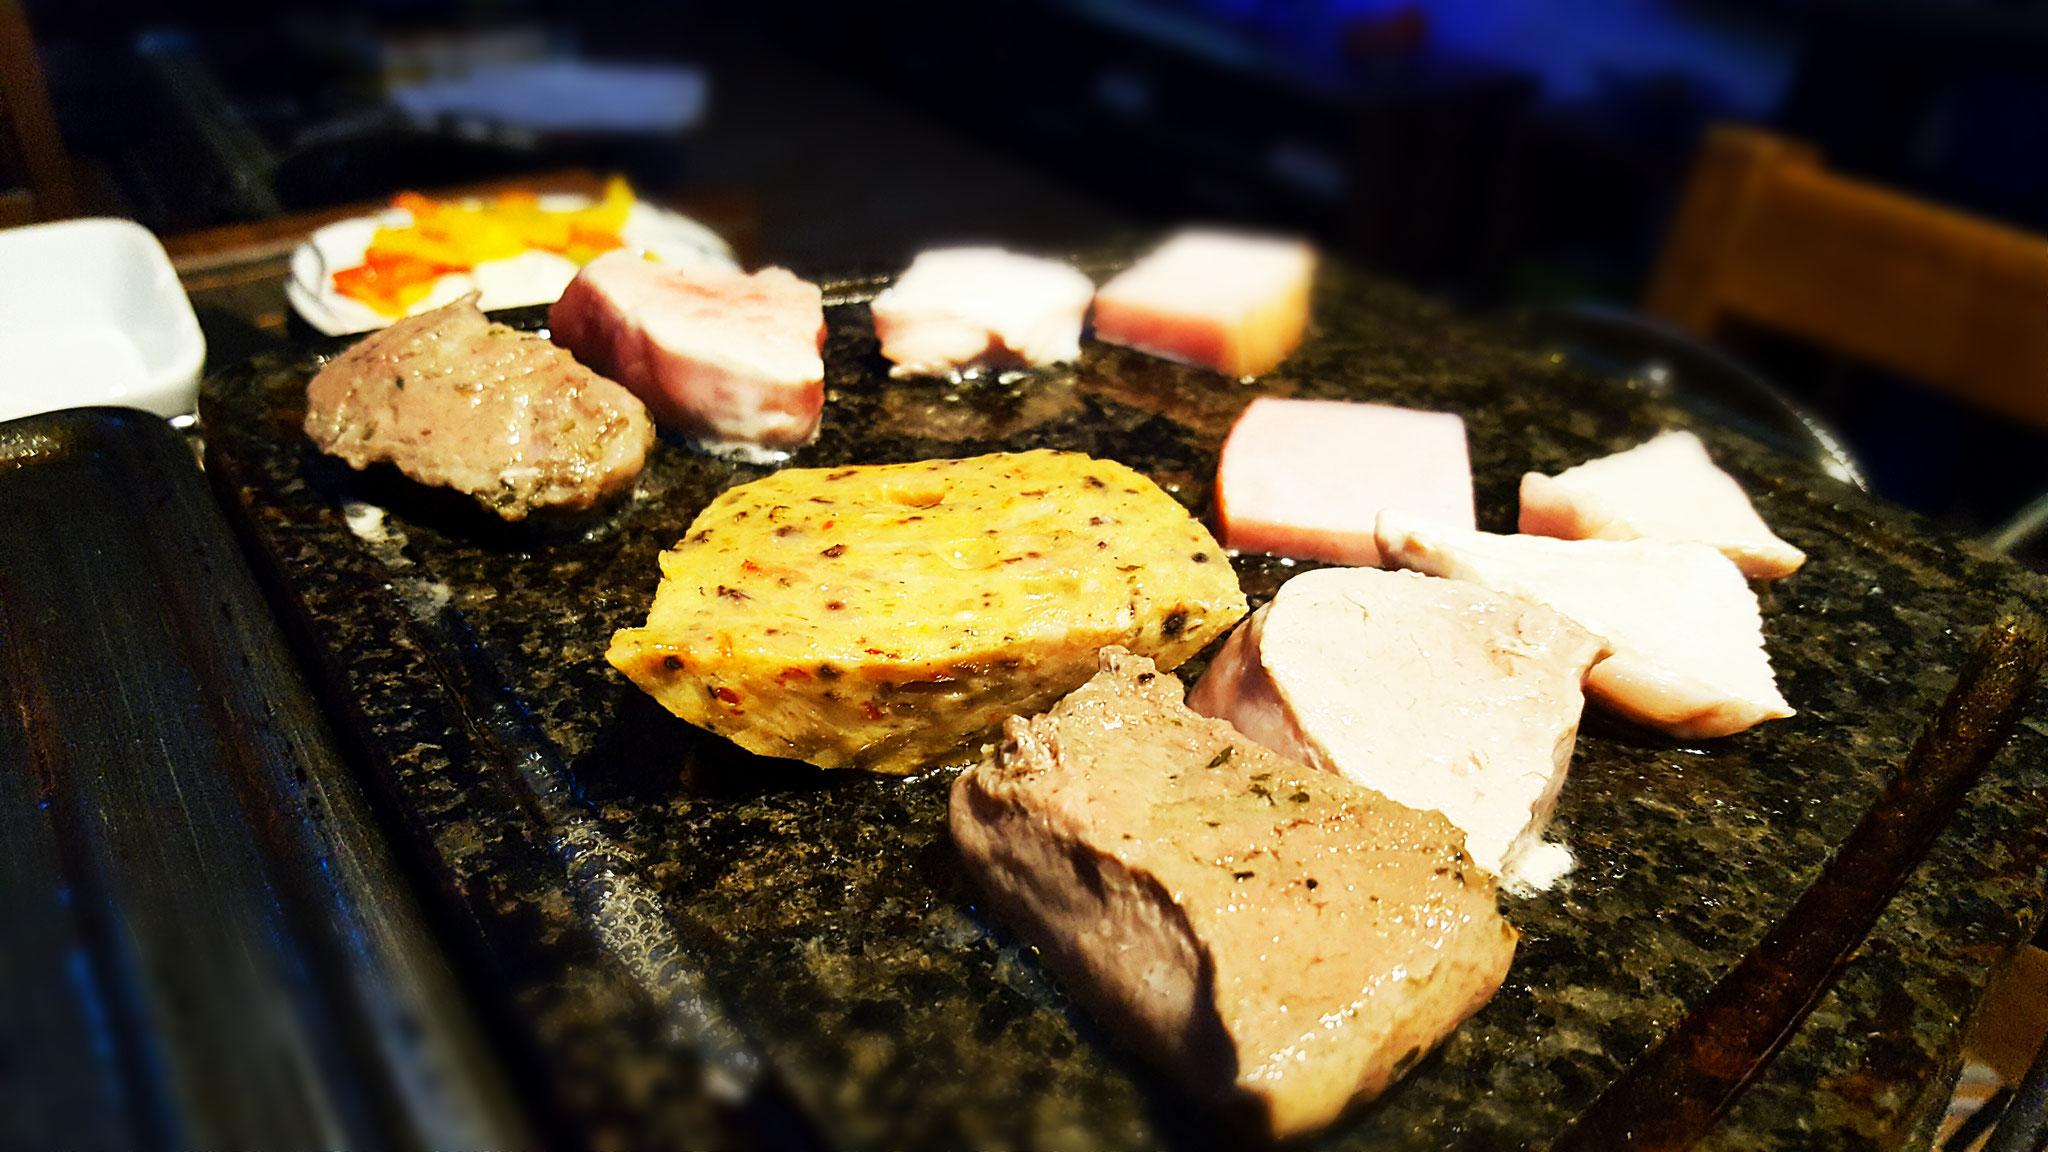 Lamm-, Putenfleisch, Schweinefilet, Tomate-Mozzarella-Wurst und Kasseler